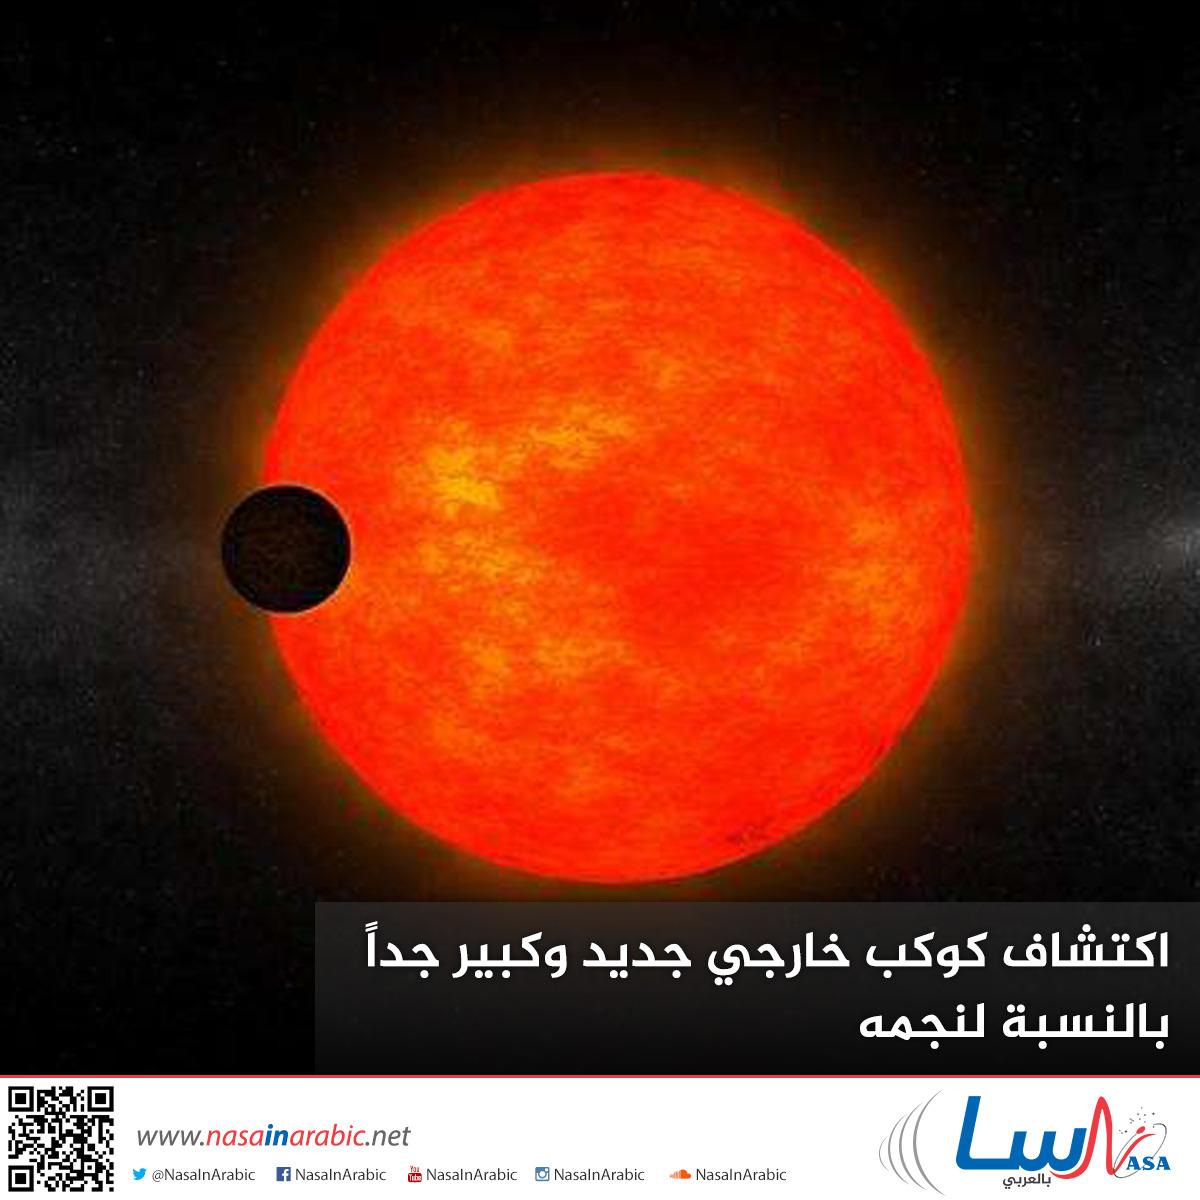 اكتشاف كوكب خارجي جديد وكبير جداً بالنسبة لنجمه